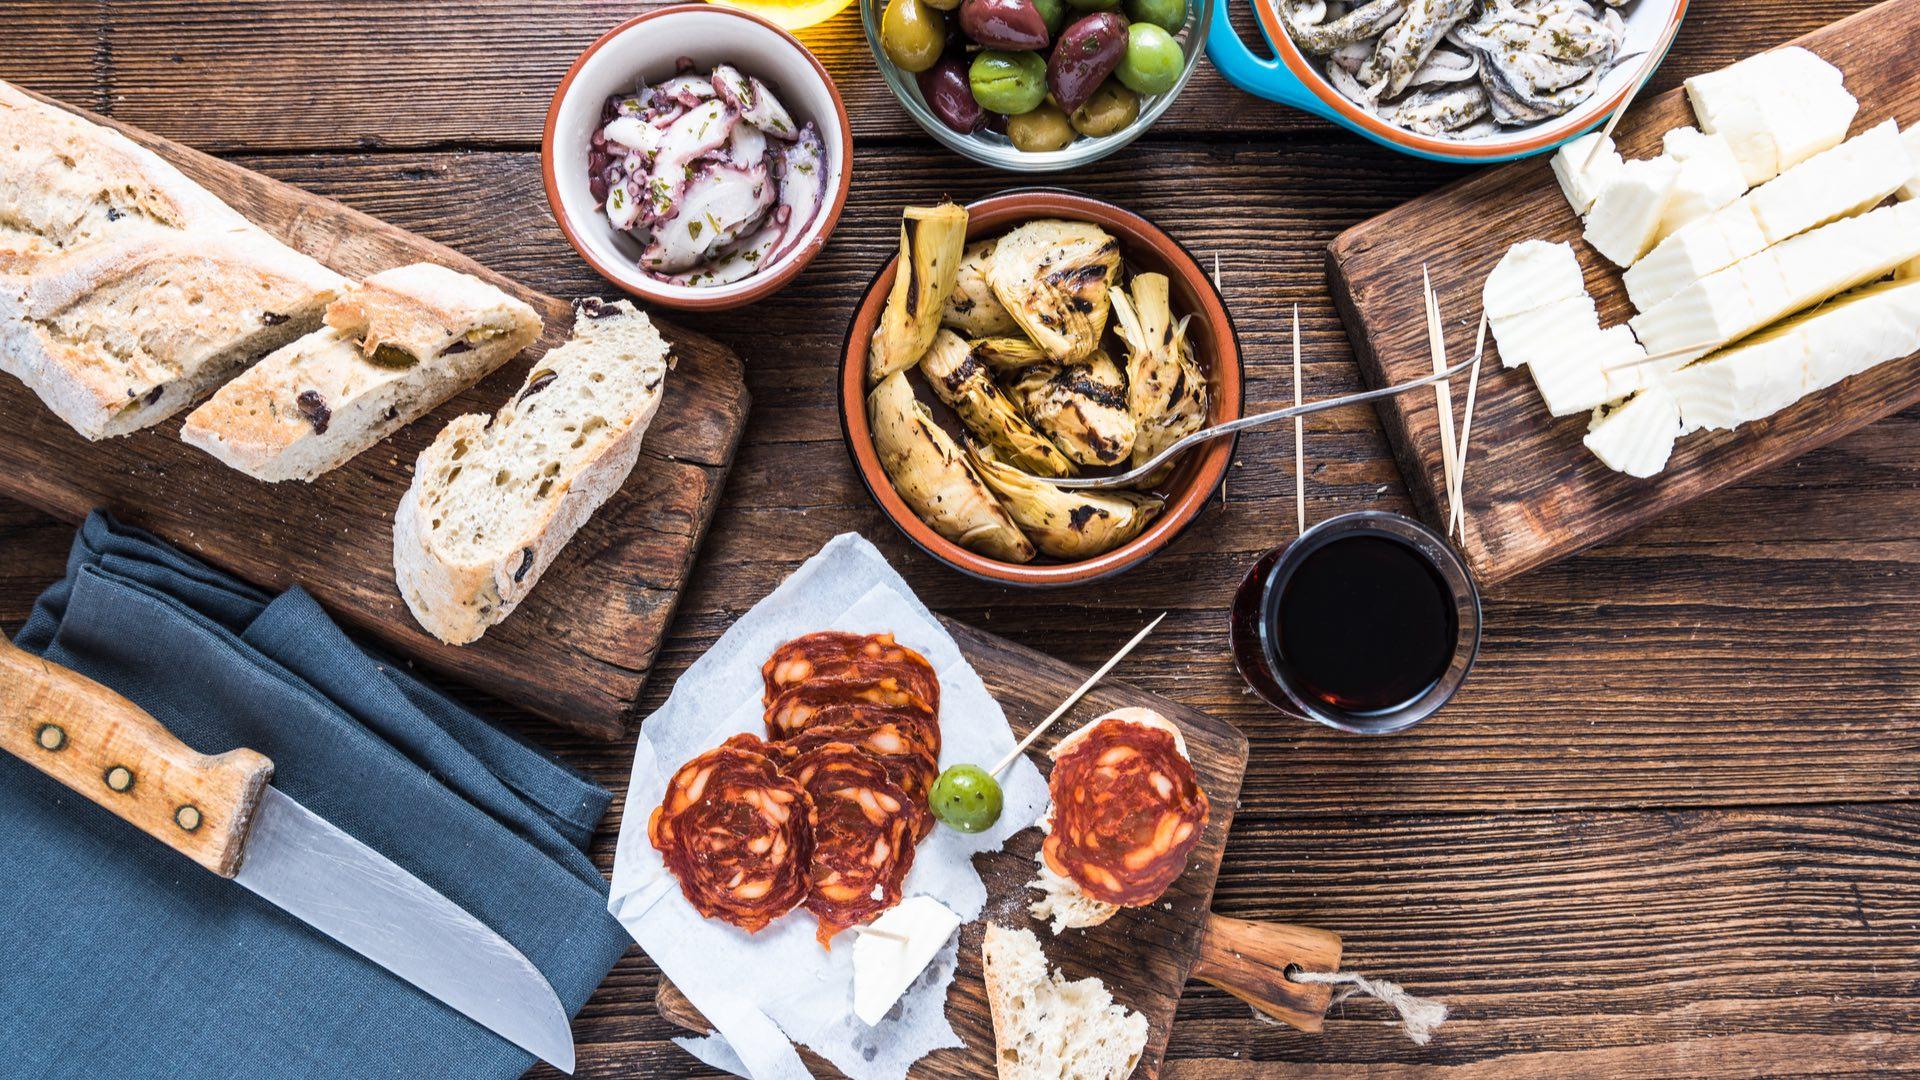 Spanien | Tapas | ©marcin jucha/Shutterstock.com